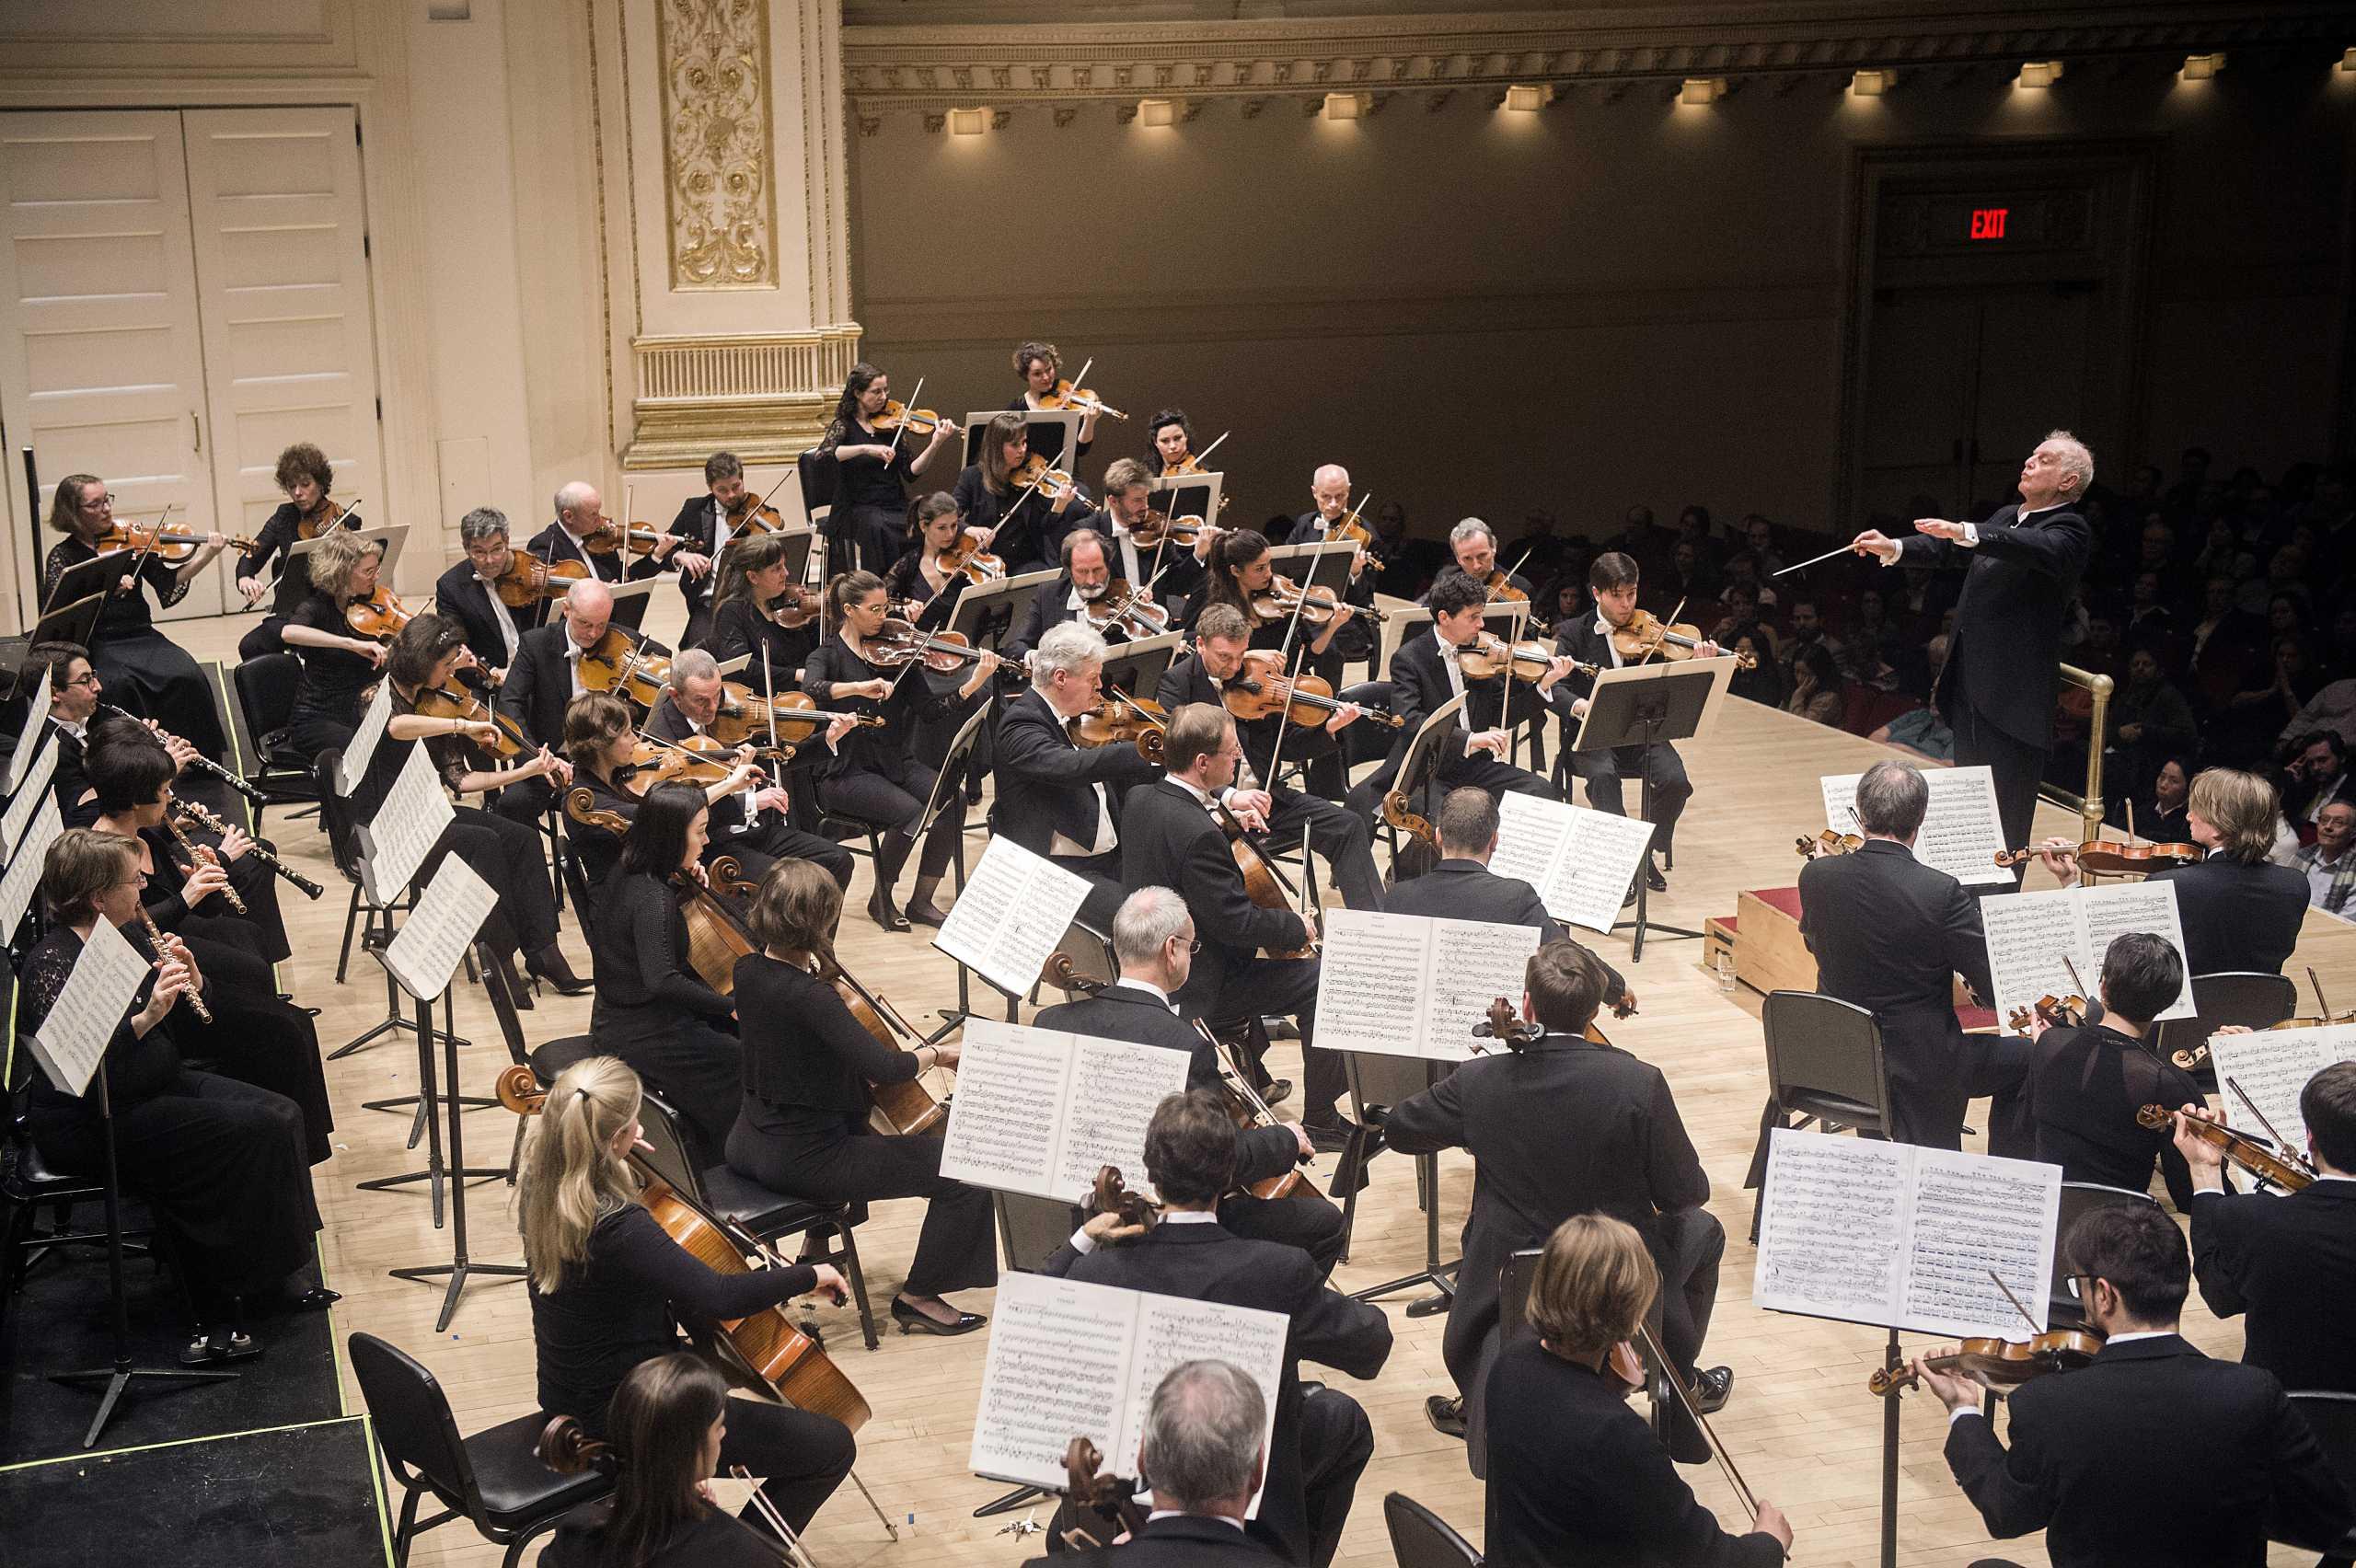 Μέγαρο Μουσικής Αθηνών: To πρόγραμμα για τη σεζόν 2021-2022